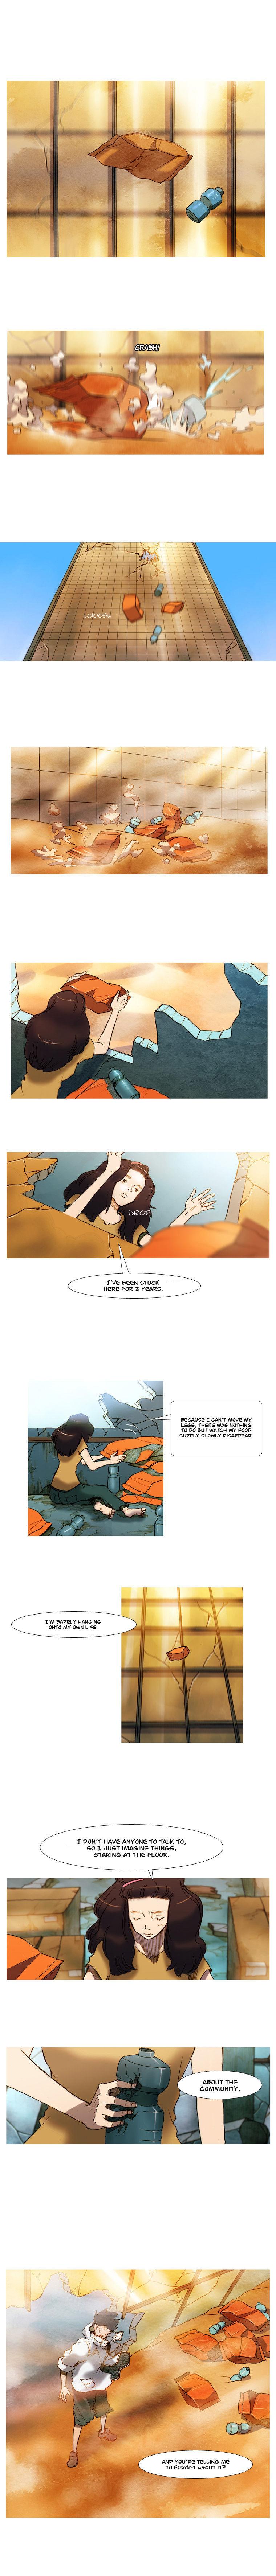 Noru 7 Page 3